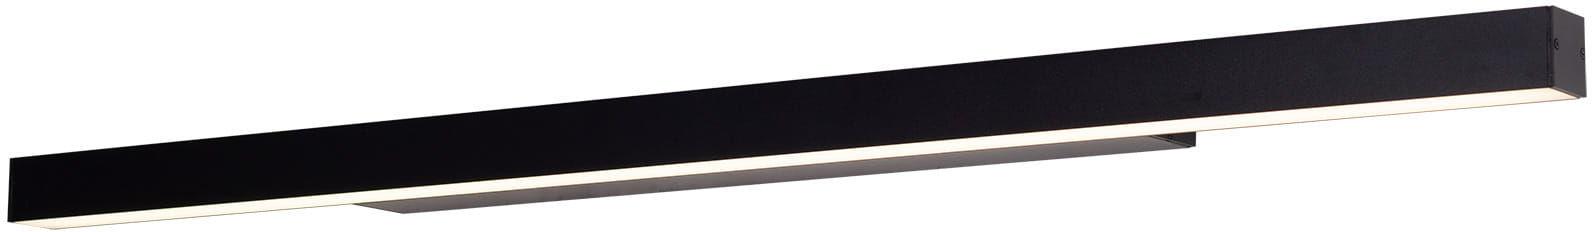 Kinkiet LINEAR W0266 Dim IP44 MAXlight prosta oprawa w kolorze czarnym